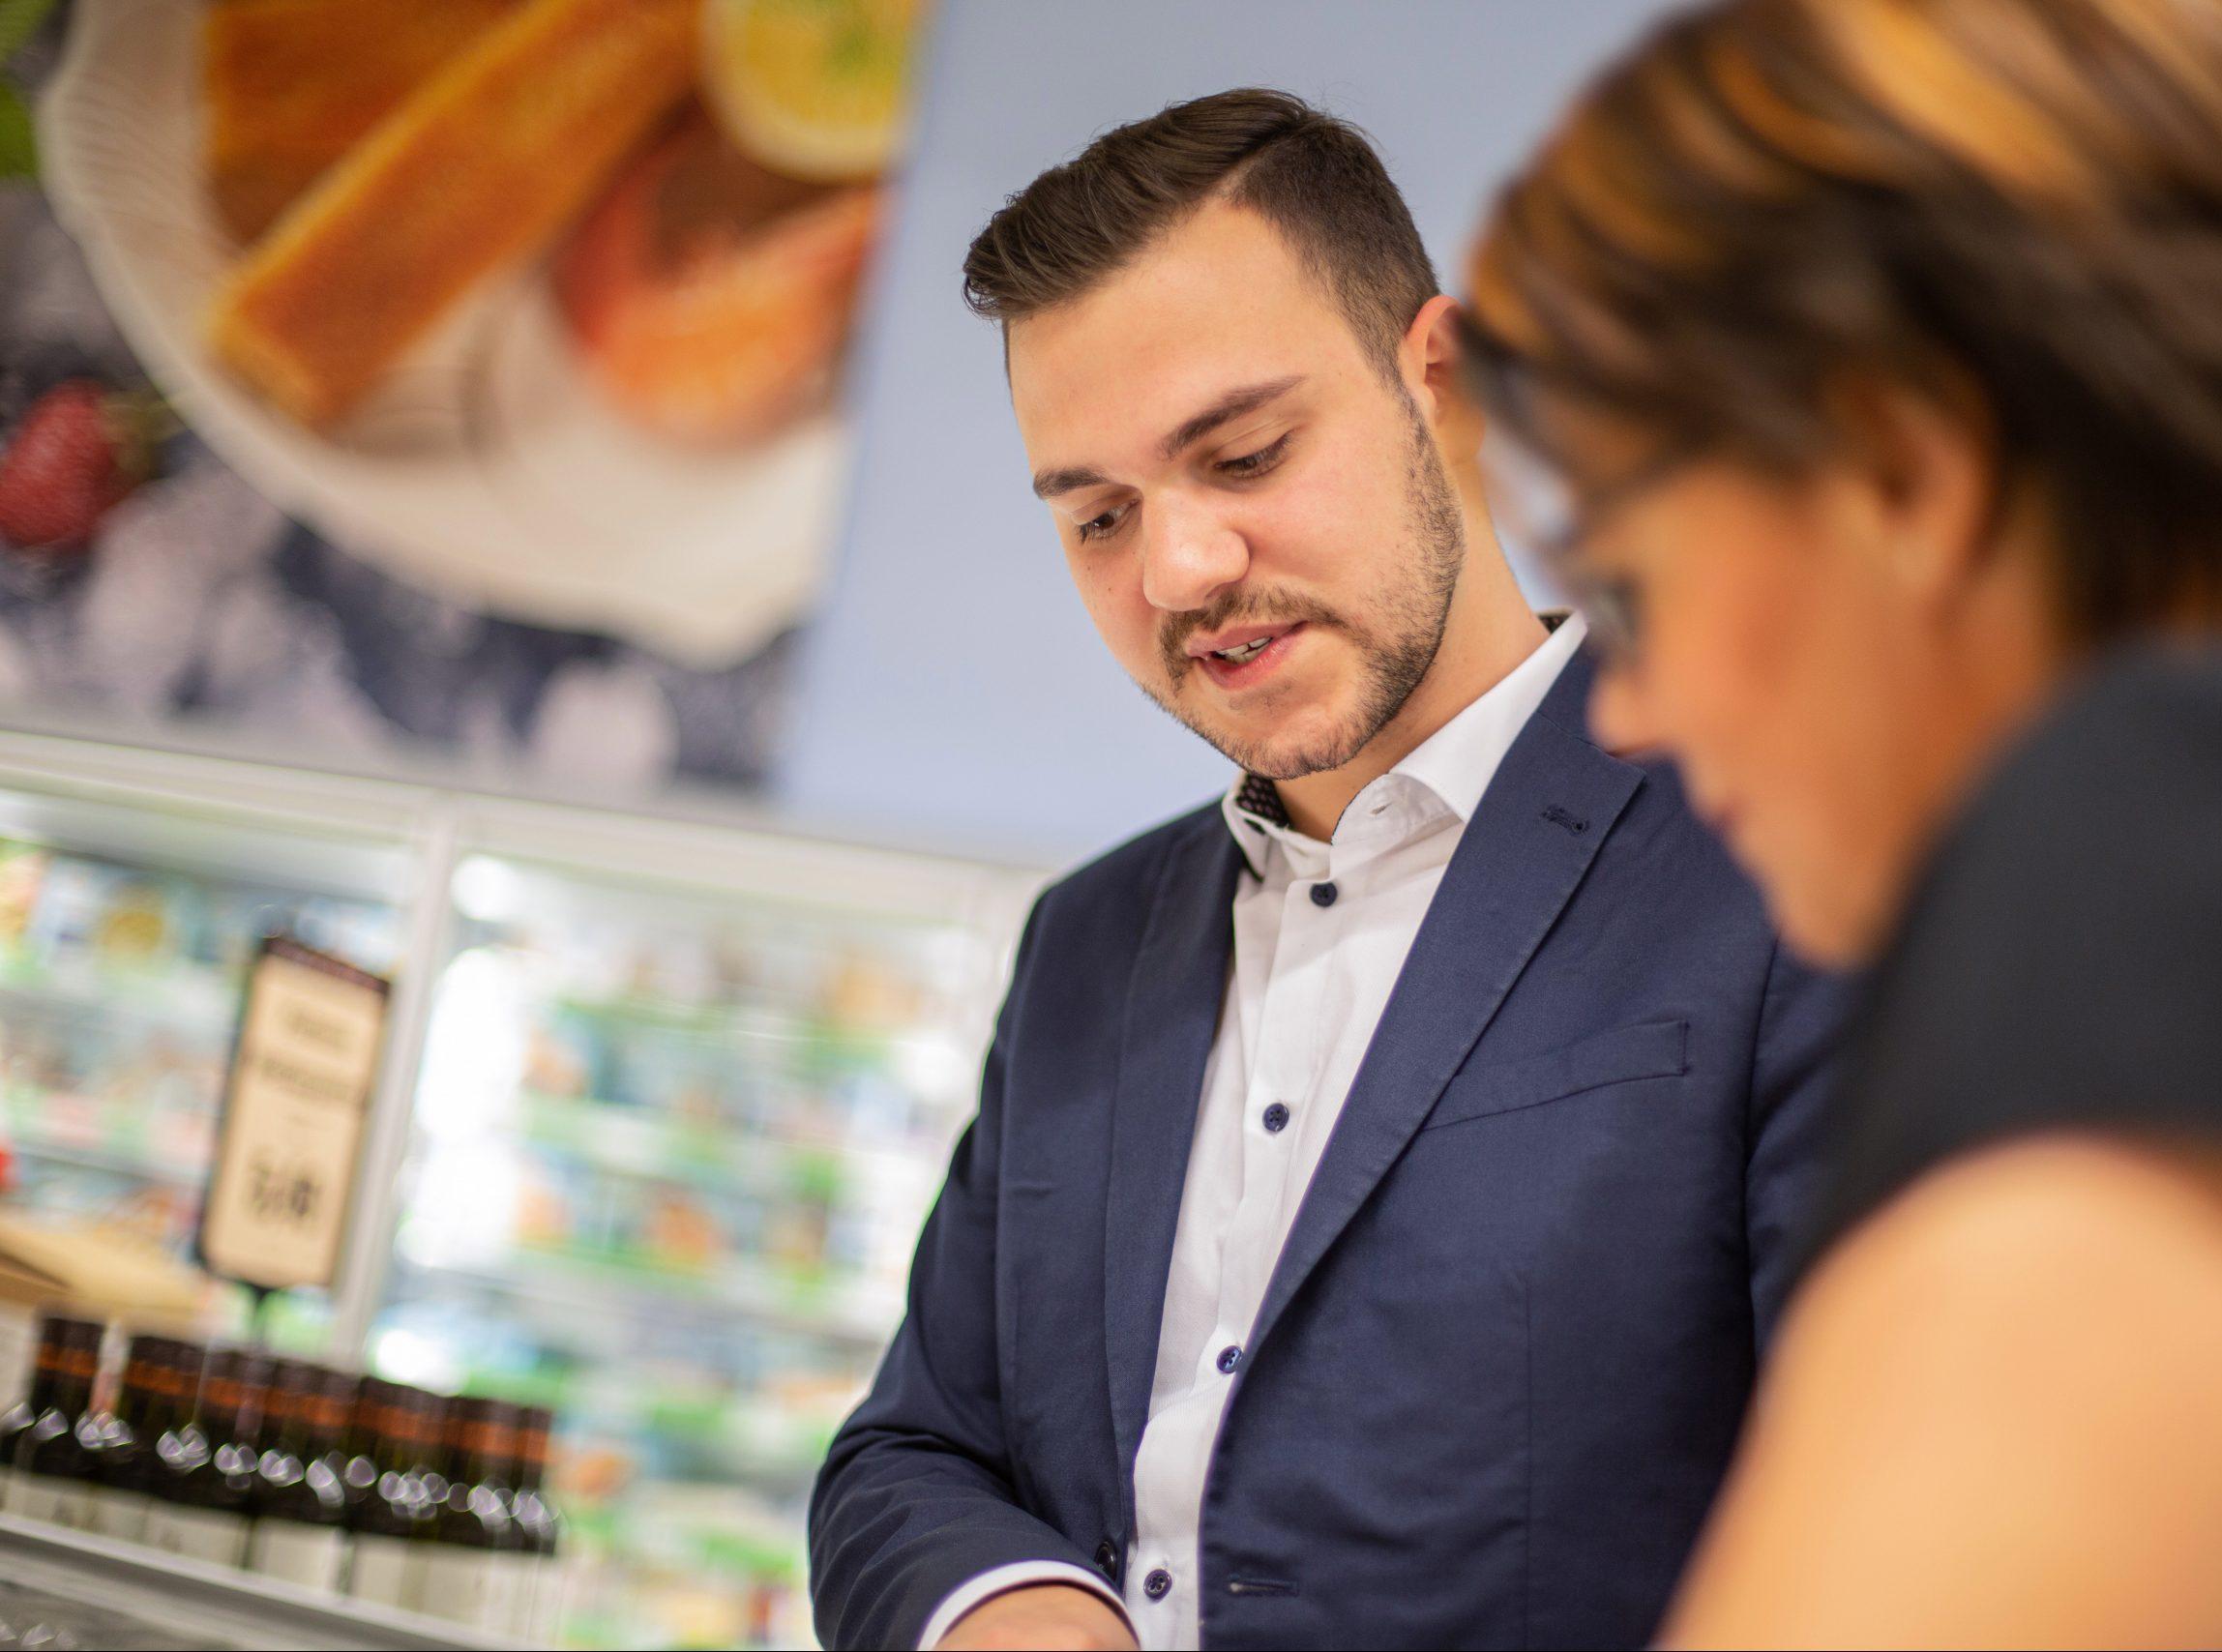 Ein Sales Promoter spricht lächelnd mit einer anderen Person